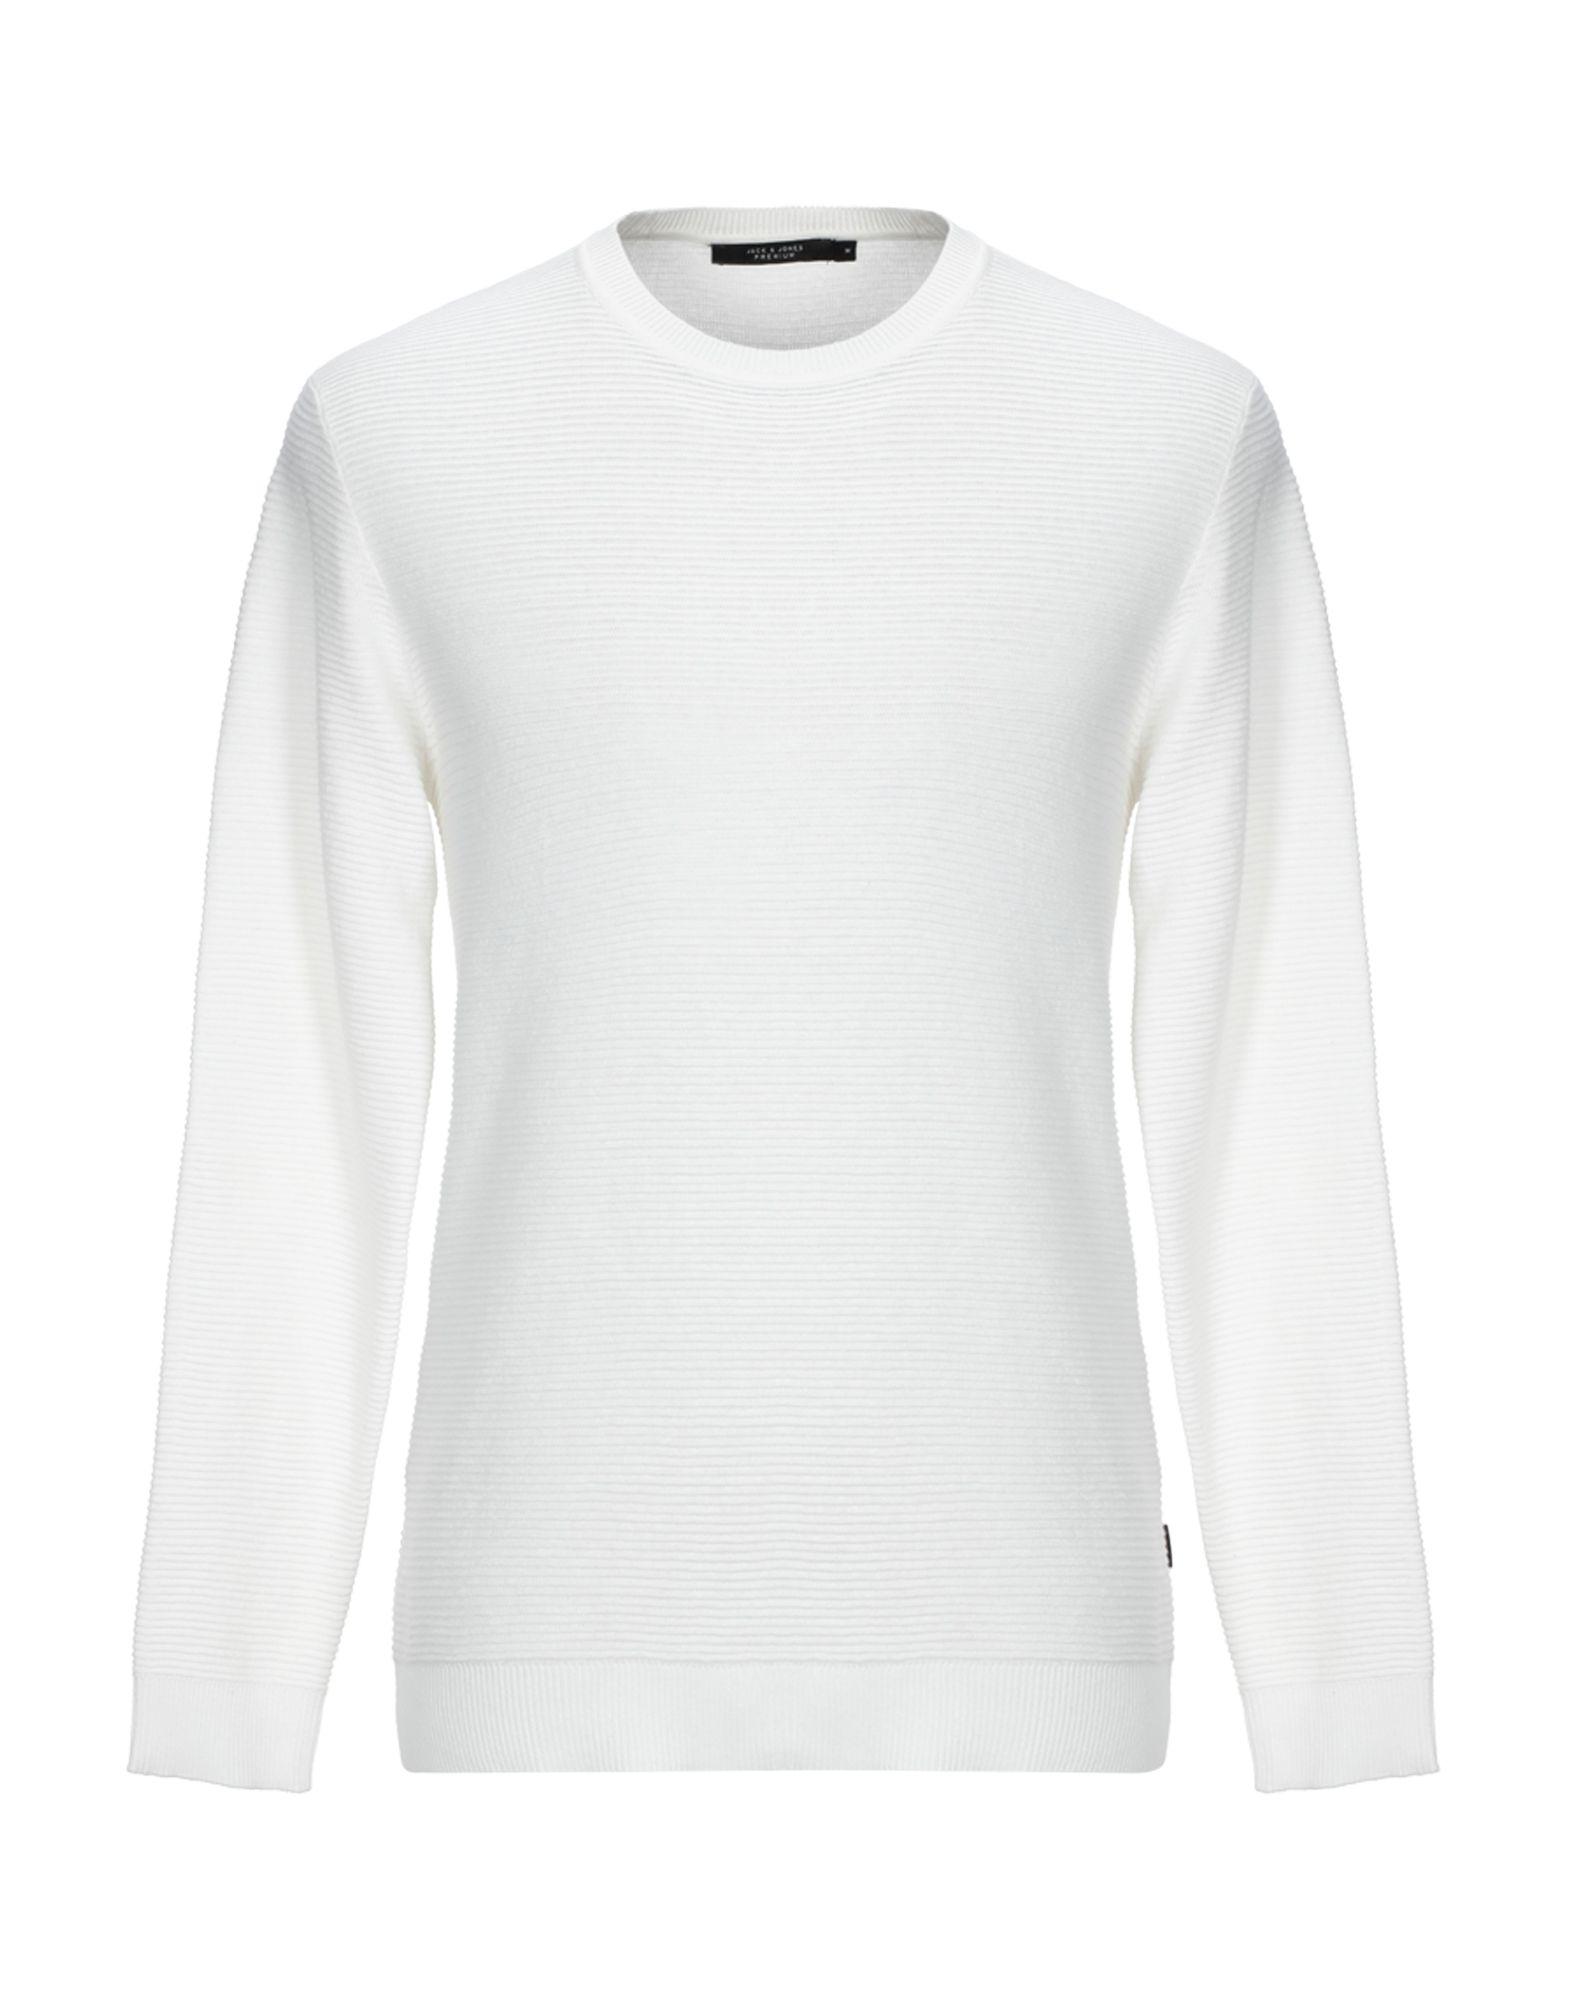 《期間限定セール開催中!》JACK & JONES PREMIUM メンズ プルオーバー ホワイト XL コットン 100%